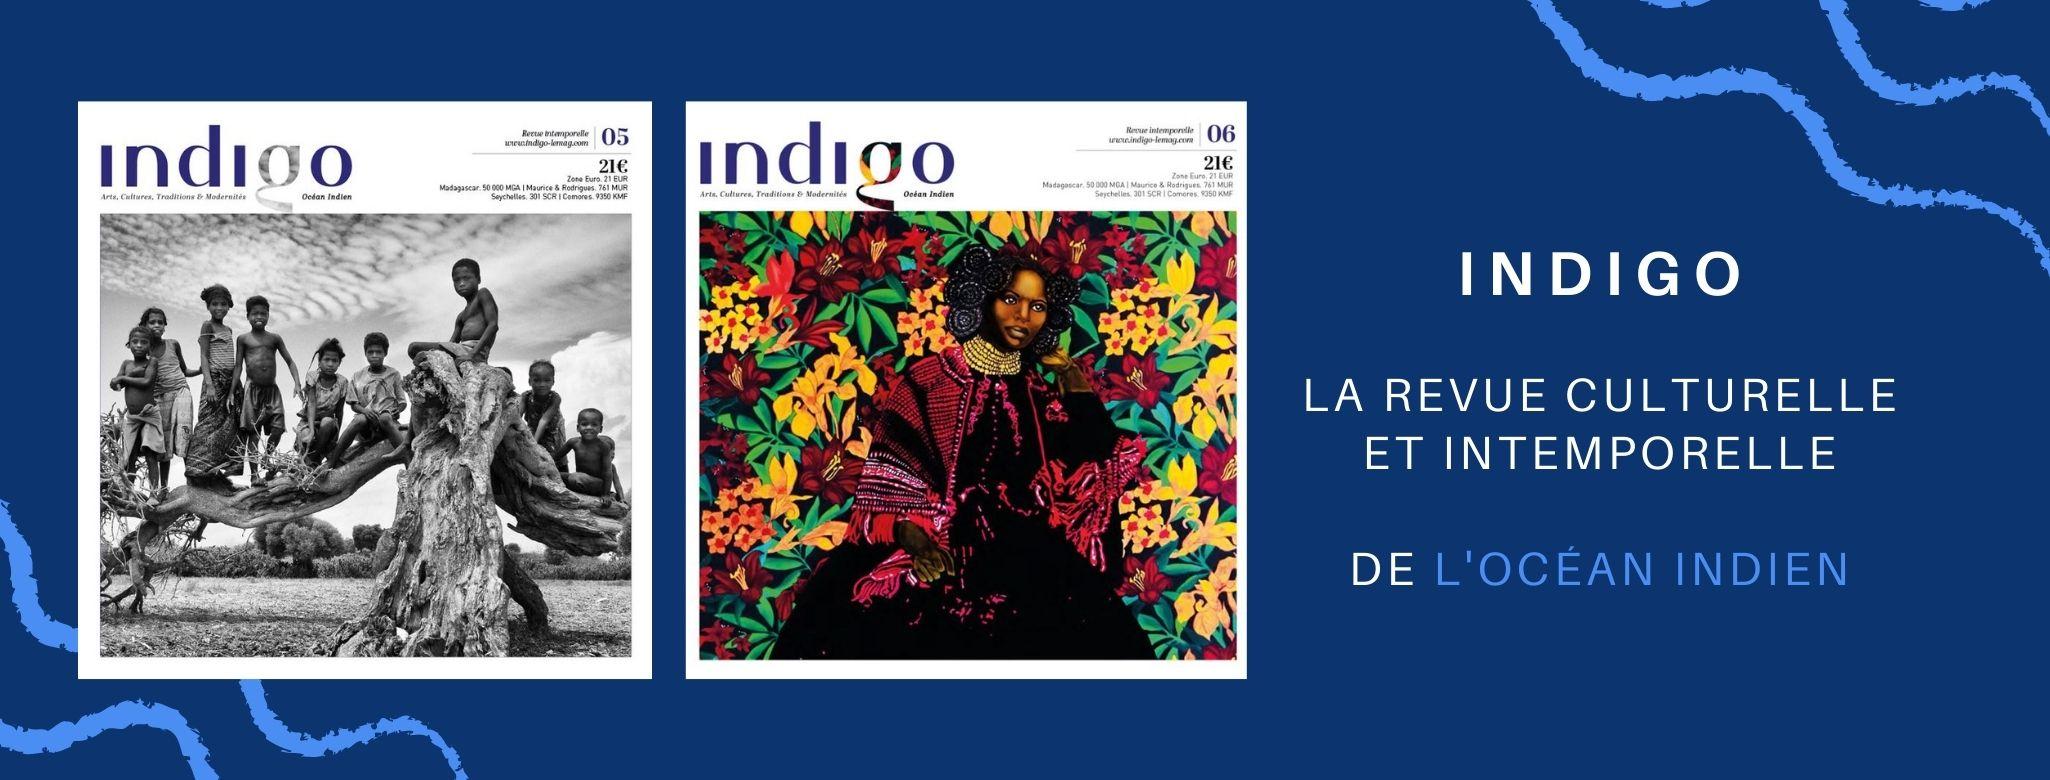 Indigo est né grâce à de nombreux collaborateurs ; écrivains, photographes, illustrateurs... Ils ont tous 2 points communs : leurs attaches aux îles de l'océan indien et leur passion pour l'art et la culture.